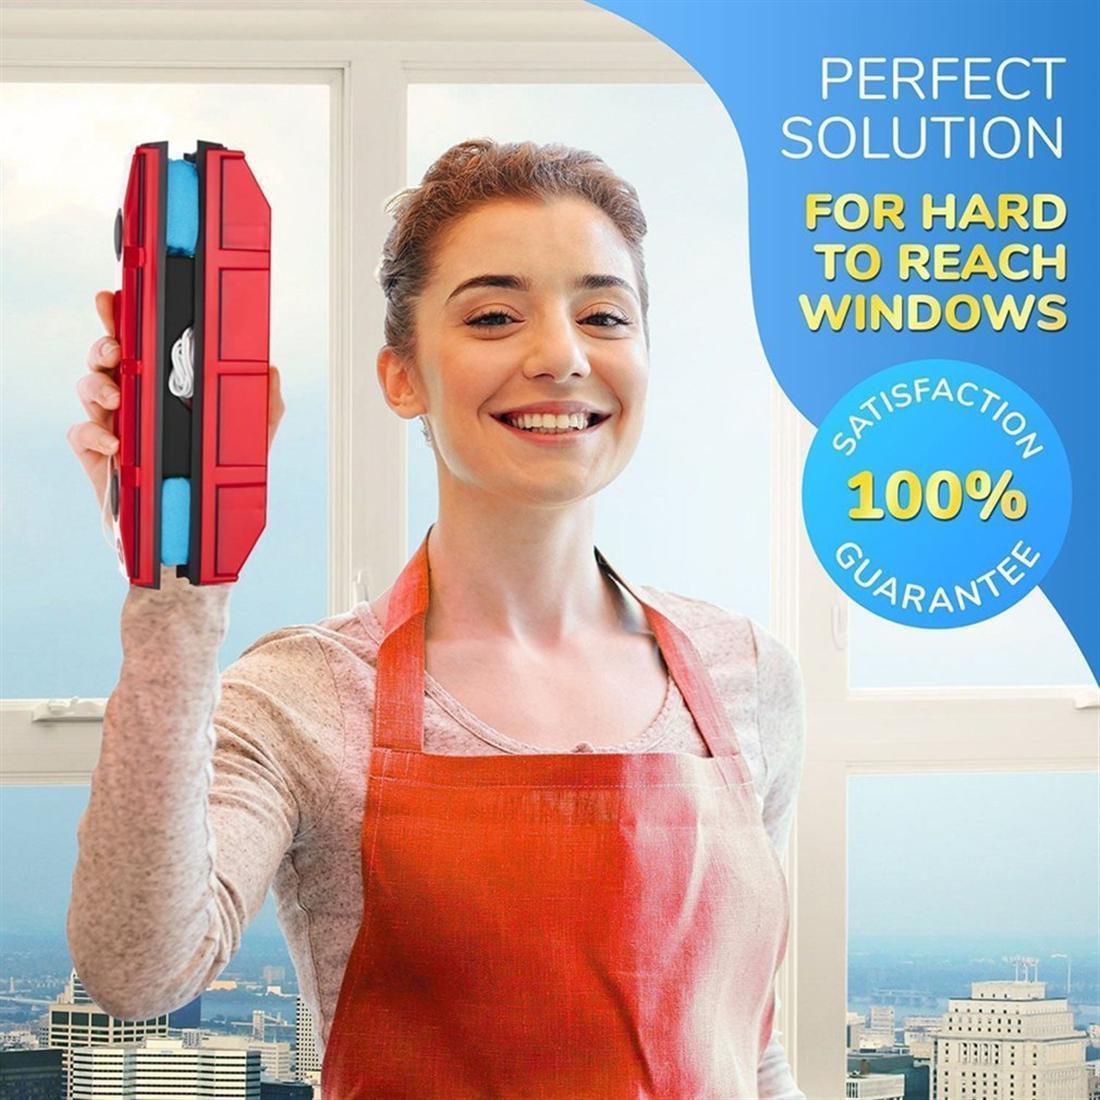 فرش تنظيف ممسحة النوافذ المغناطيسية أدوات للزجاج المزجج الأحادي مناسبة للأبواب المنزلقة الزجاجيةالنوافذ الزجاجية أو أي زجاج